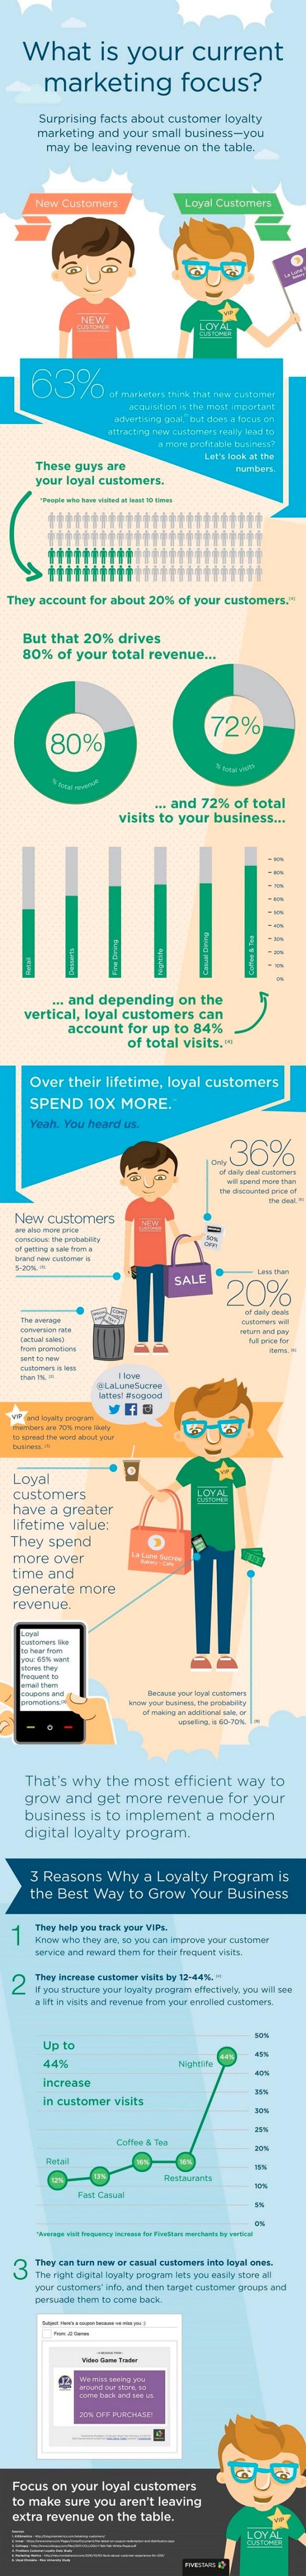 Infografía-Descubre a tus clientes leales y obtén mayor rentabildiad en tus esfuerzos de marketing